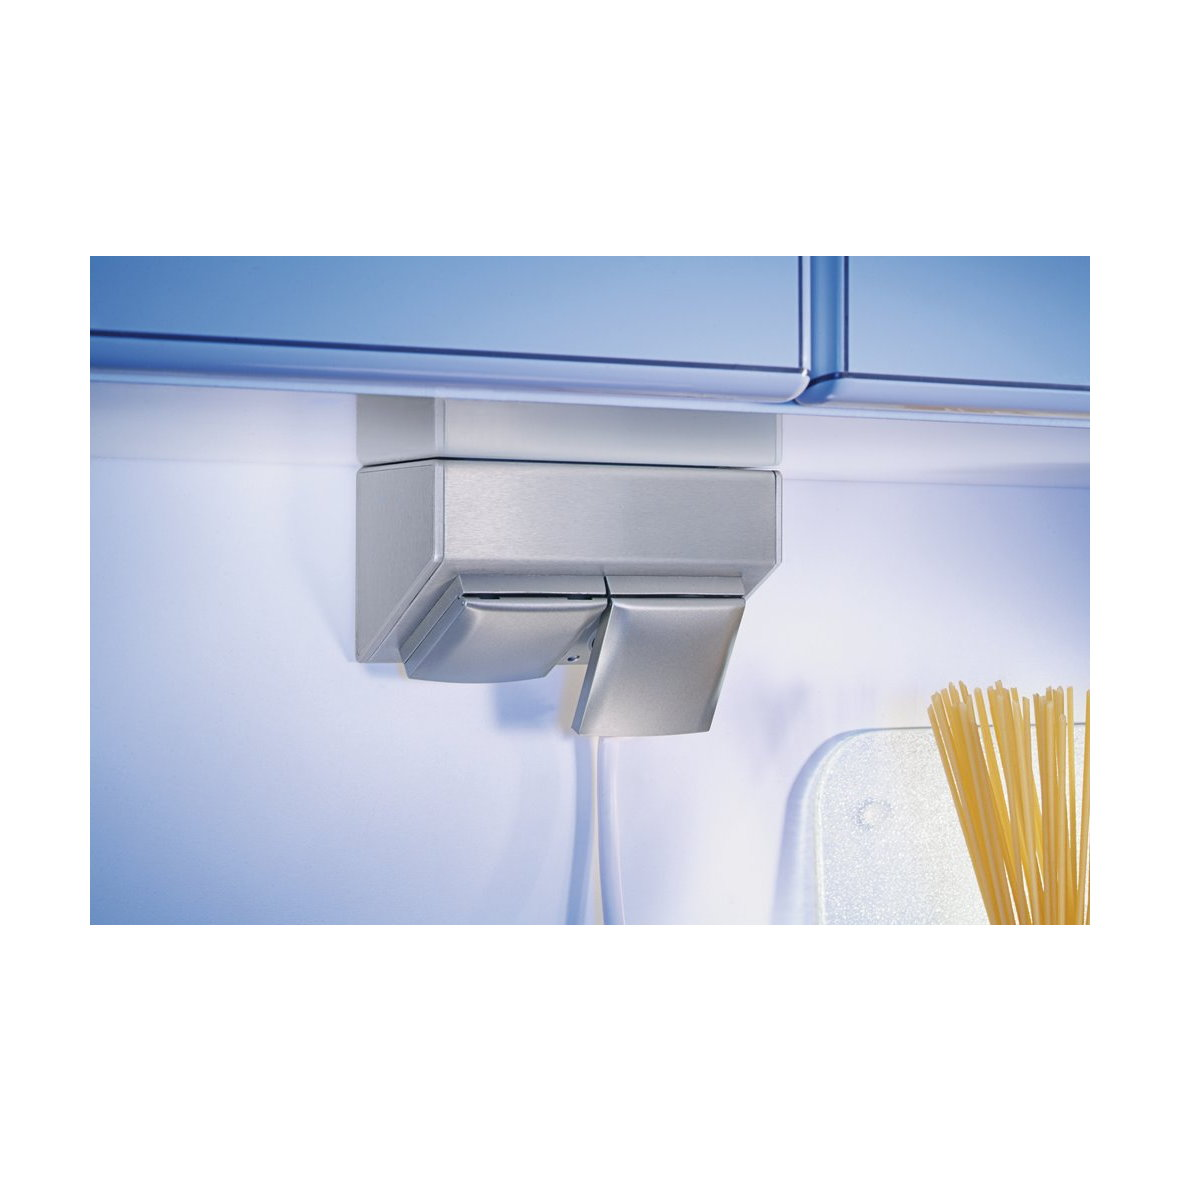 Aufputz Steckdose Badezimmer | Aufputz Steckdose Badezimmer Home Image Ideen